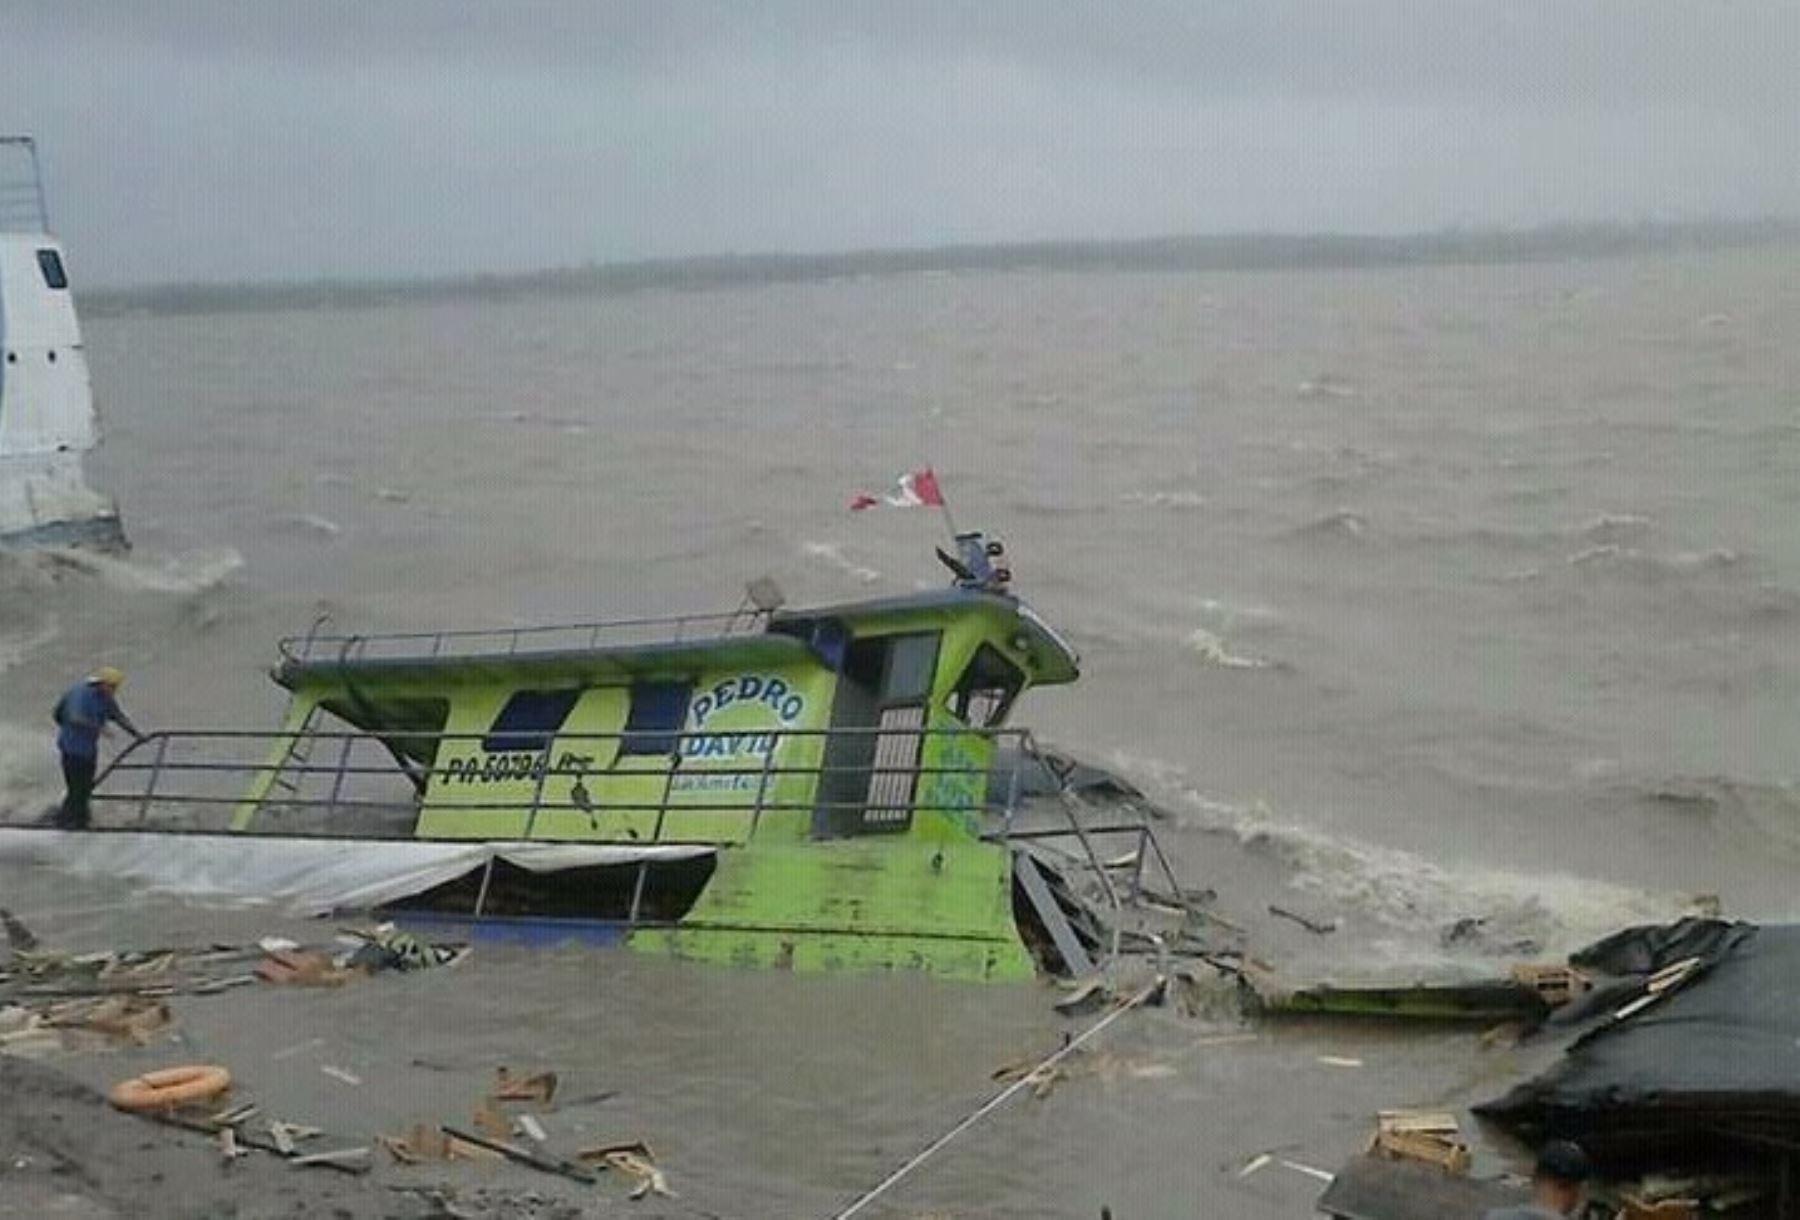 Fuertes vientos provocaron el hundimiento de embarcaciones sobre el río Ucayali. Foto: Facebook Batidas policiales